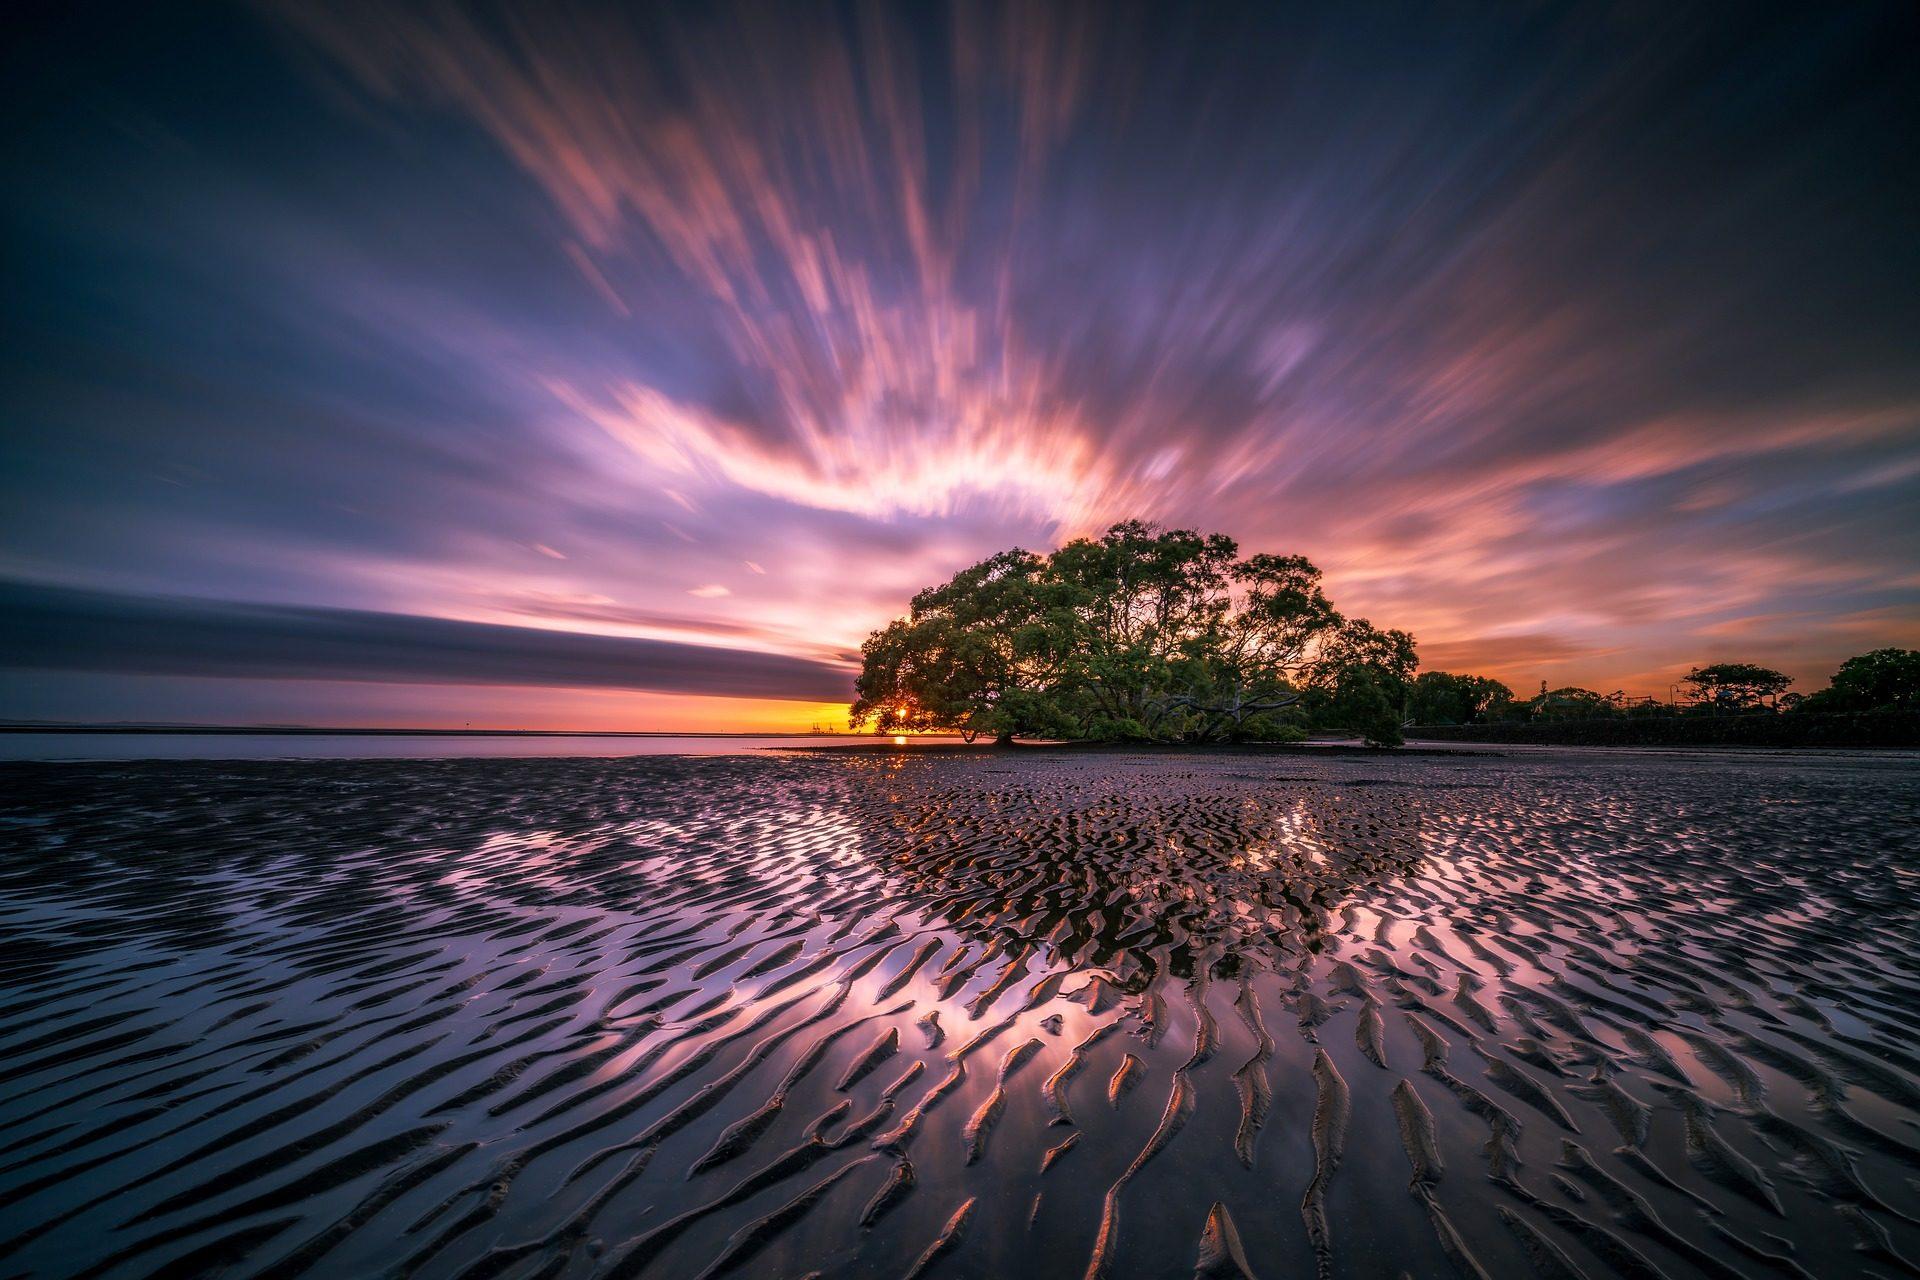 Baum, Laguna, Wasser, Himmel, Lila, Schönheit - Wallpaper HD - Prof.-falken.com